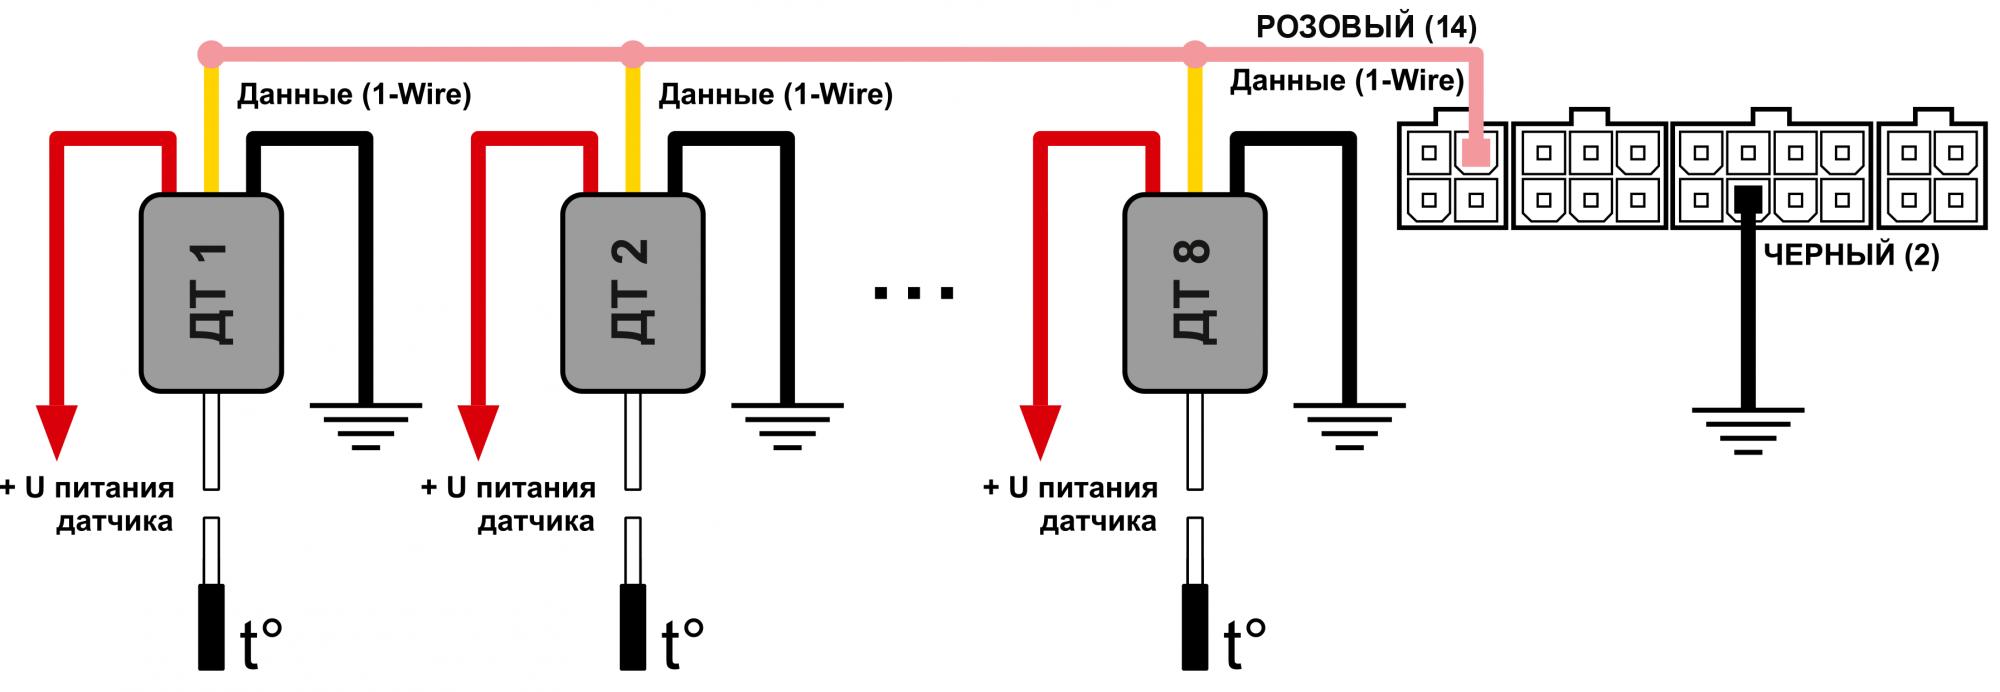 Подключаем датчики давления, движения и температуры к ардуино